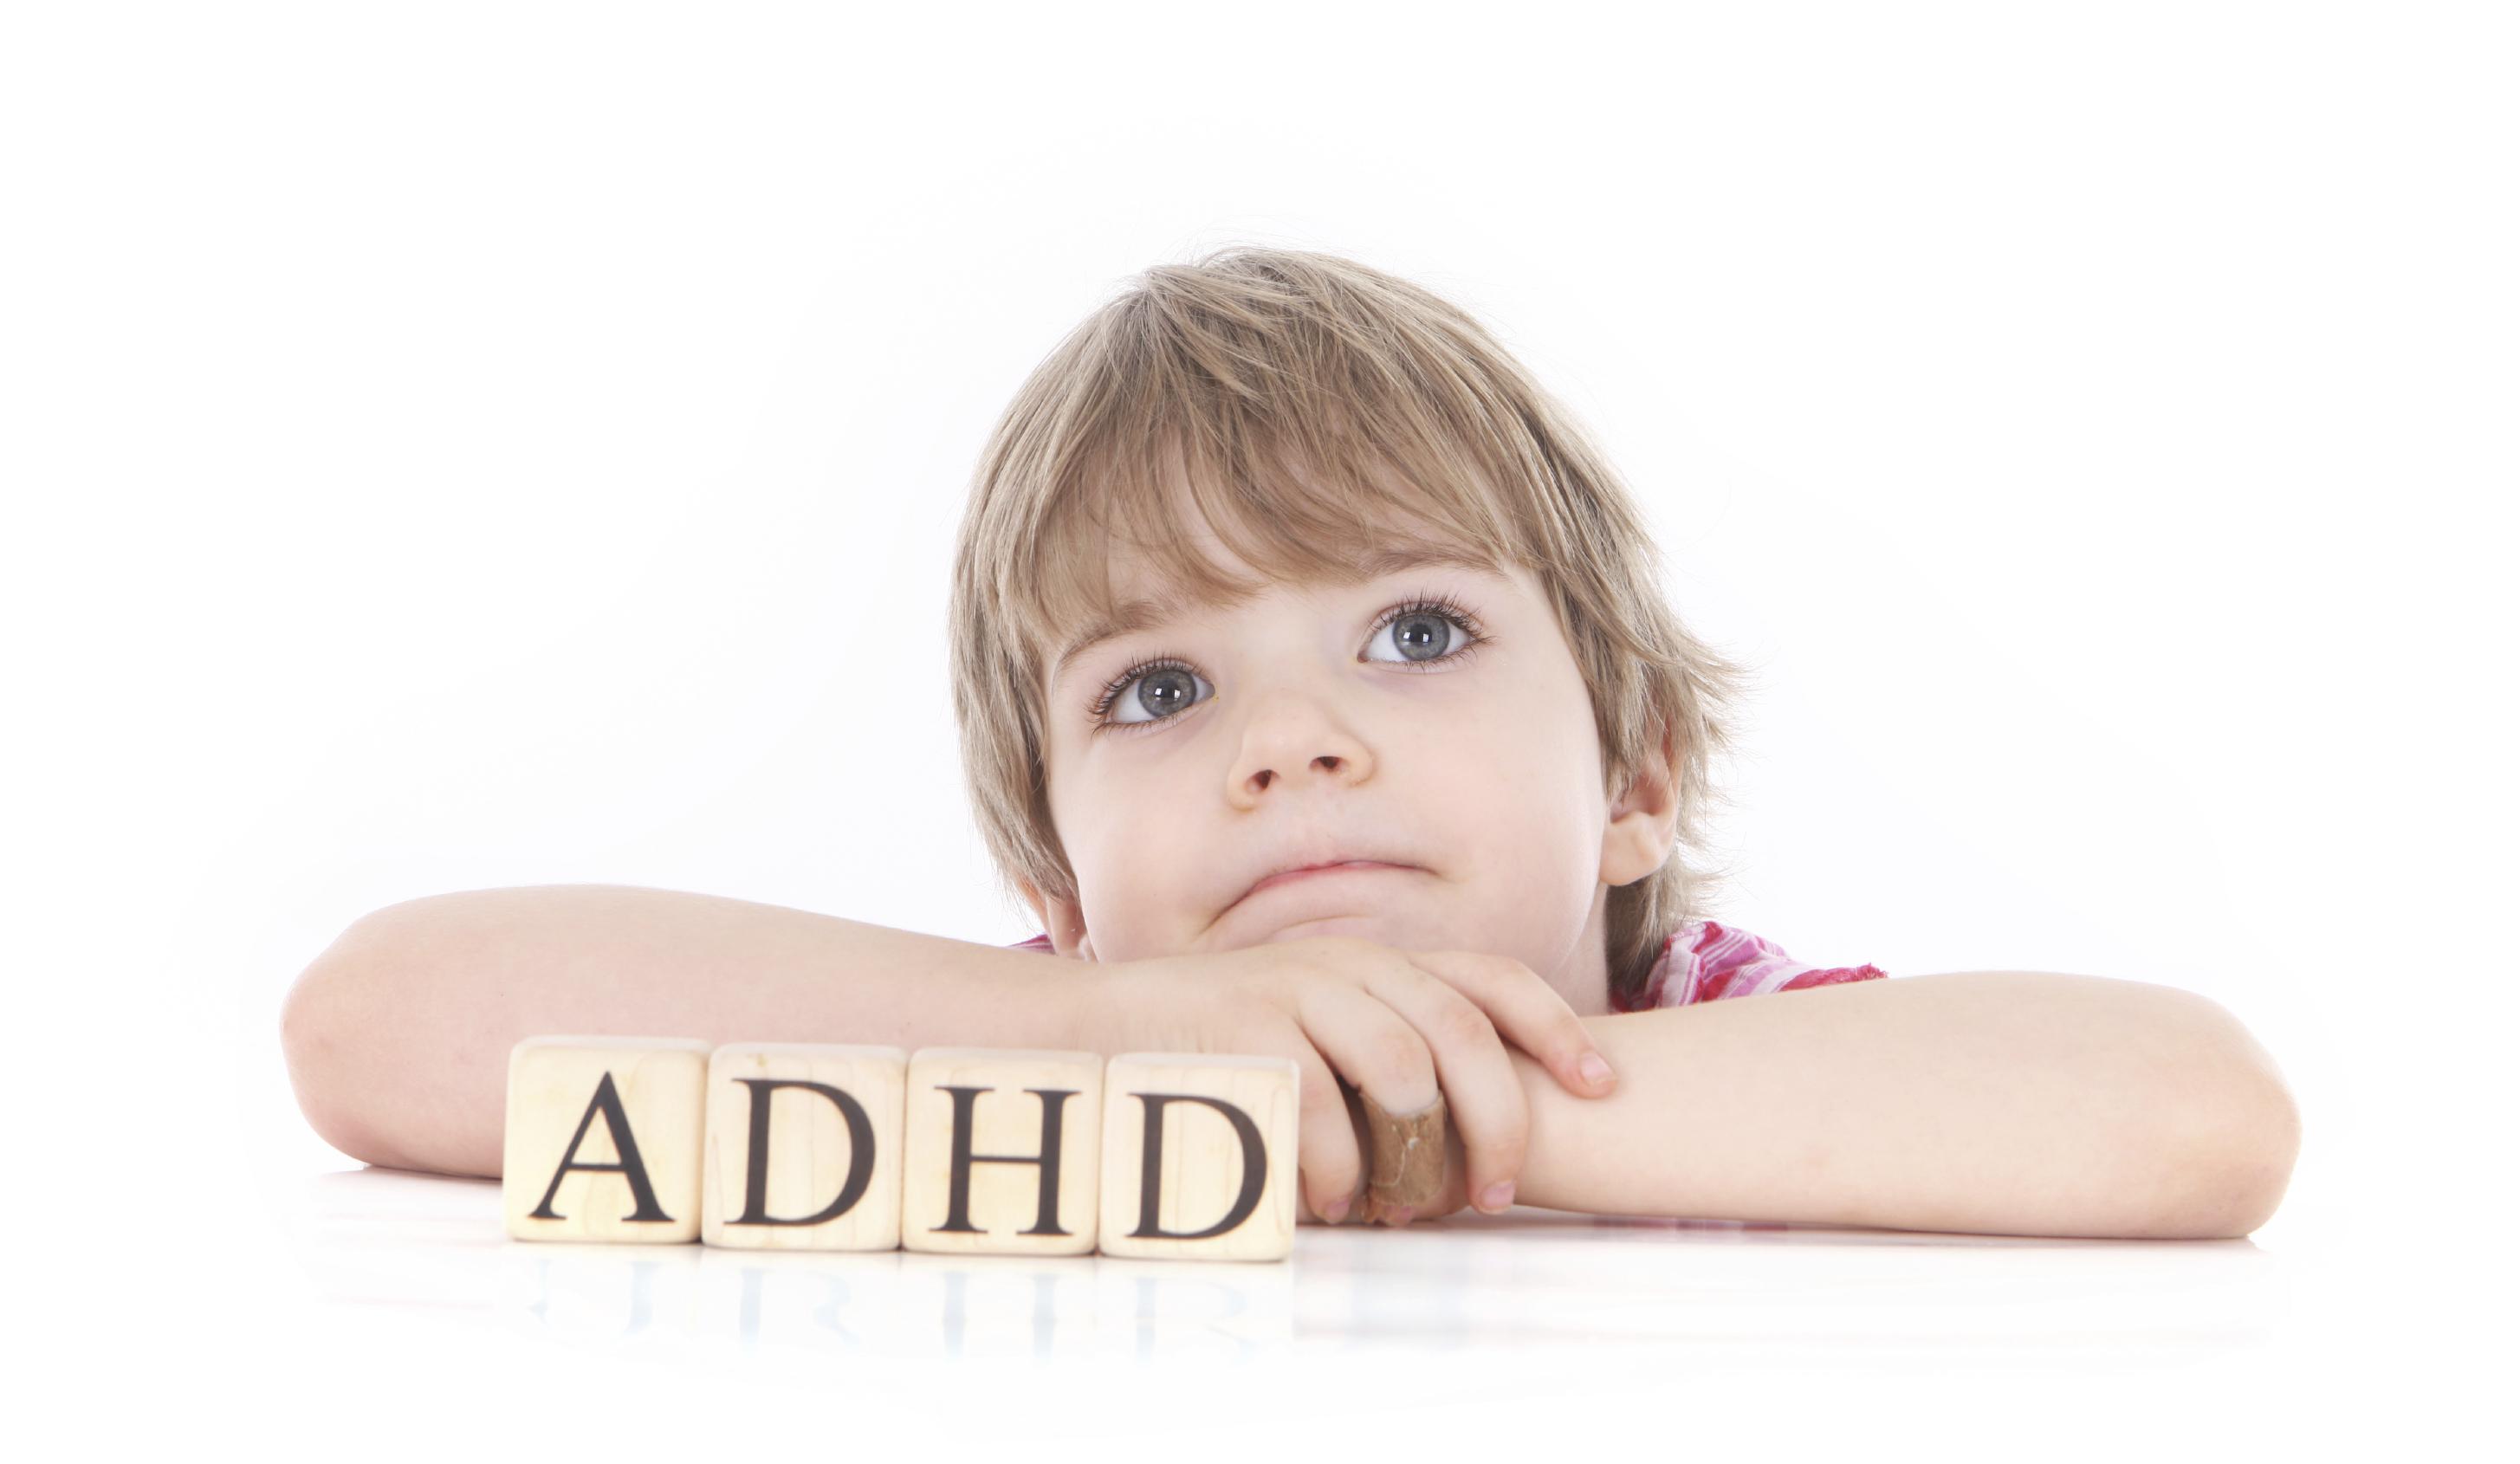 Børn og diagnoser - på godt og ondt (Foredrag)